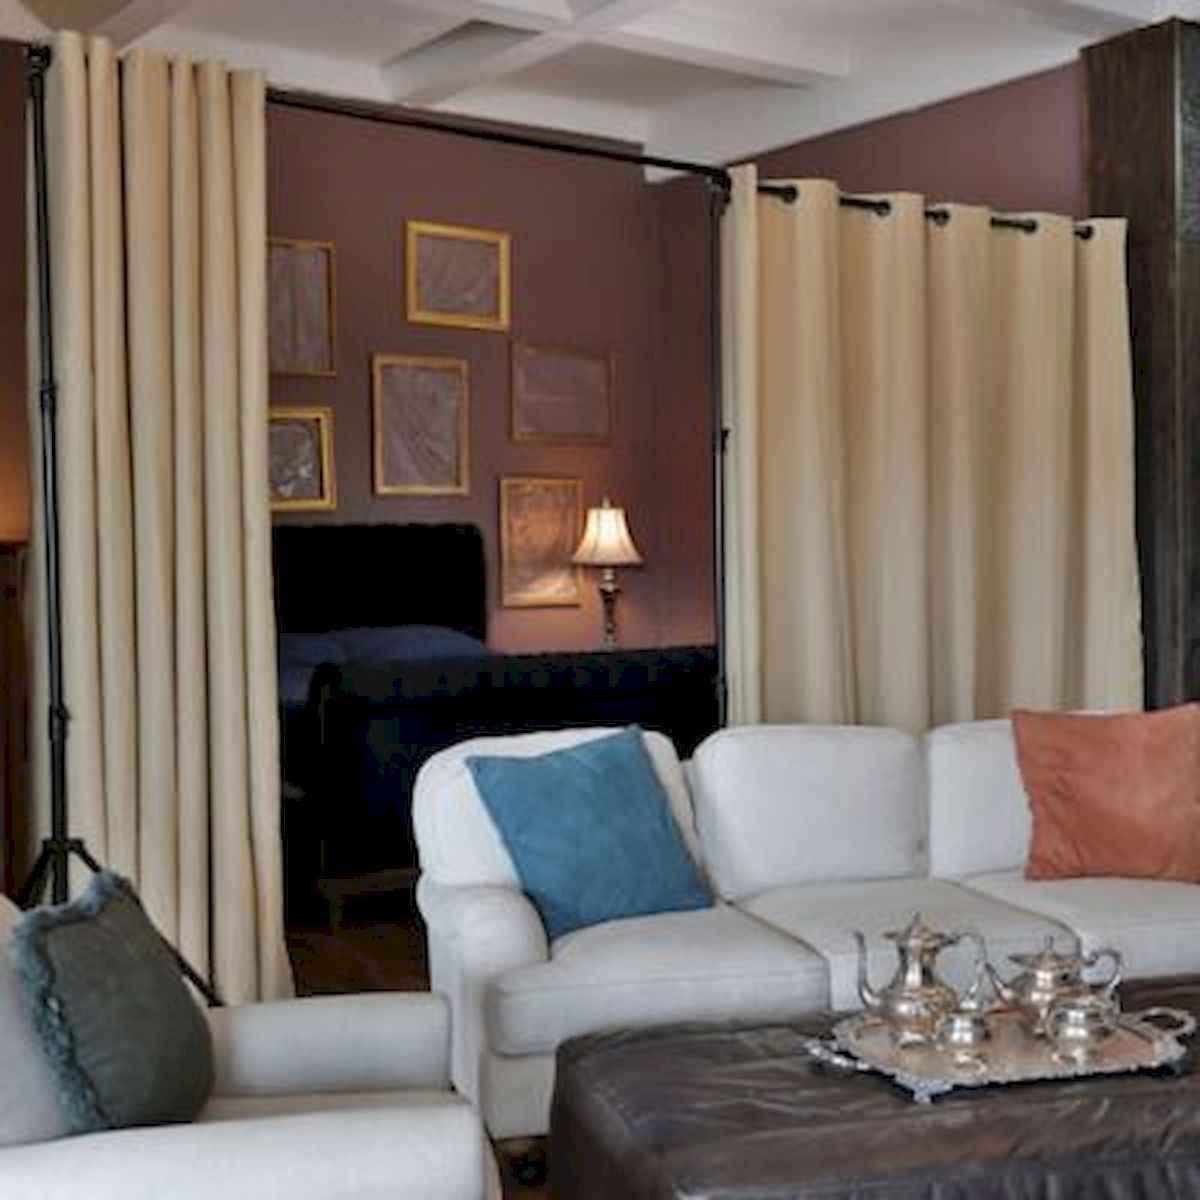 40 Favorite Studio Apartment Room Dividers Curtains Design Ideas and Decor (22)